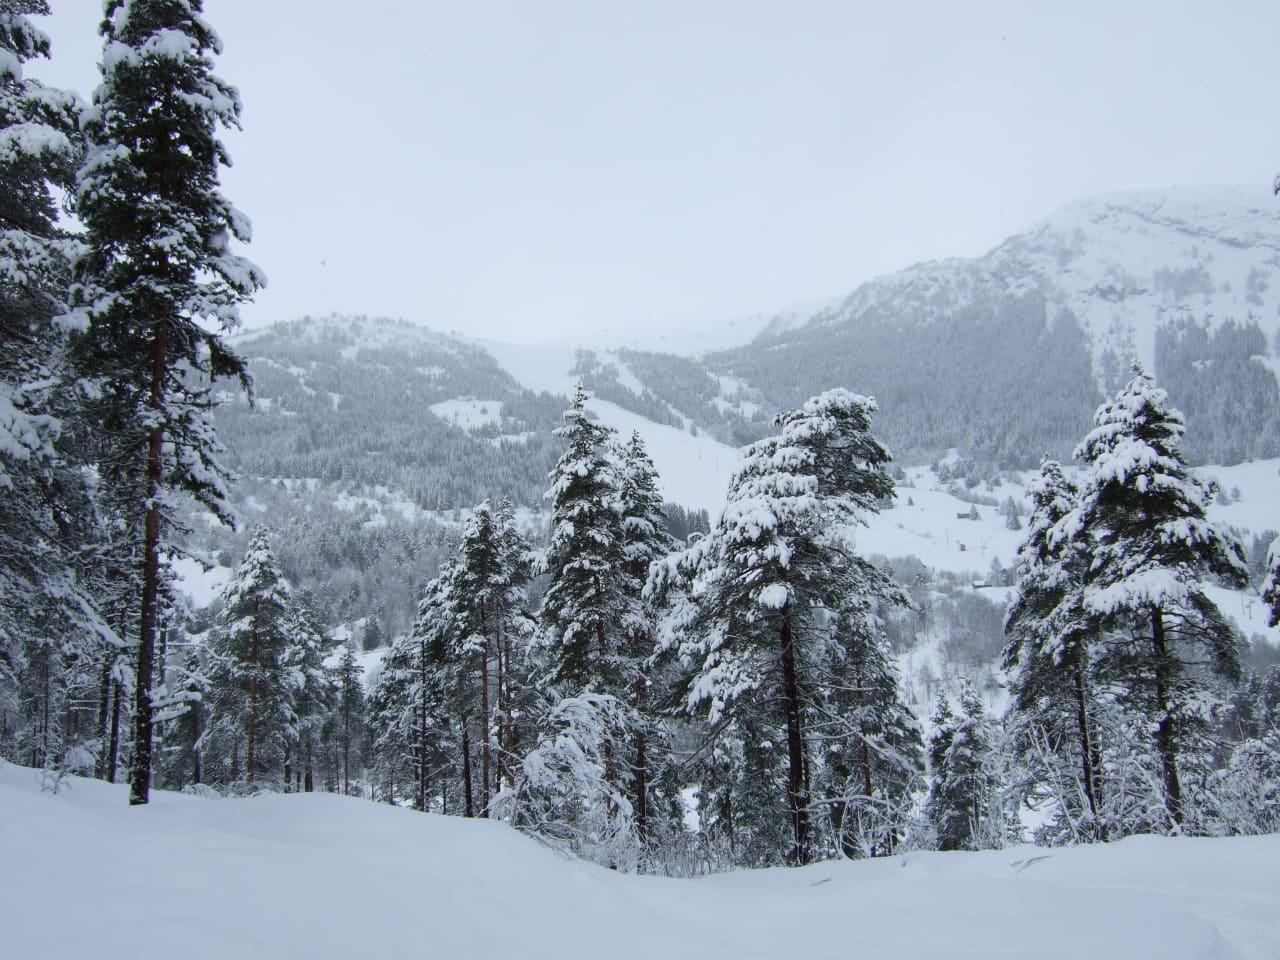 NYSNØ: Snøen laver ned i Sogn, og lørdag klokka 10 åpner Sogn & Fjordanes første skisenter for sesongen. Foto: Øystein Veum